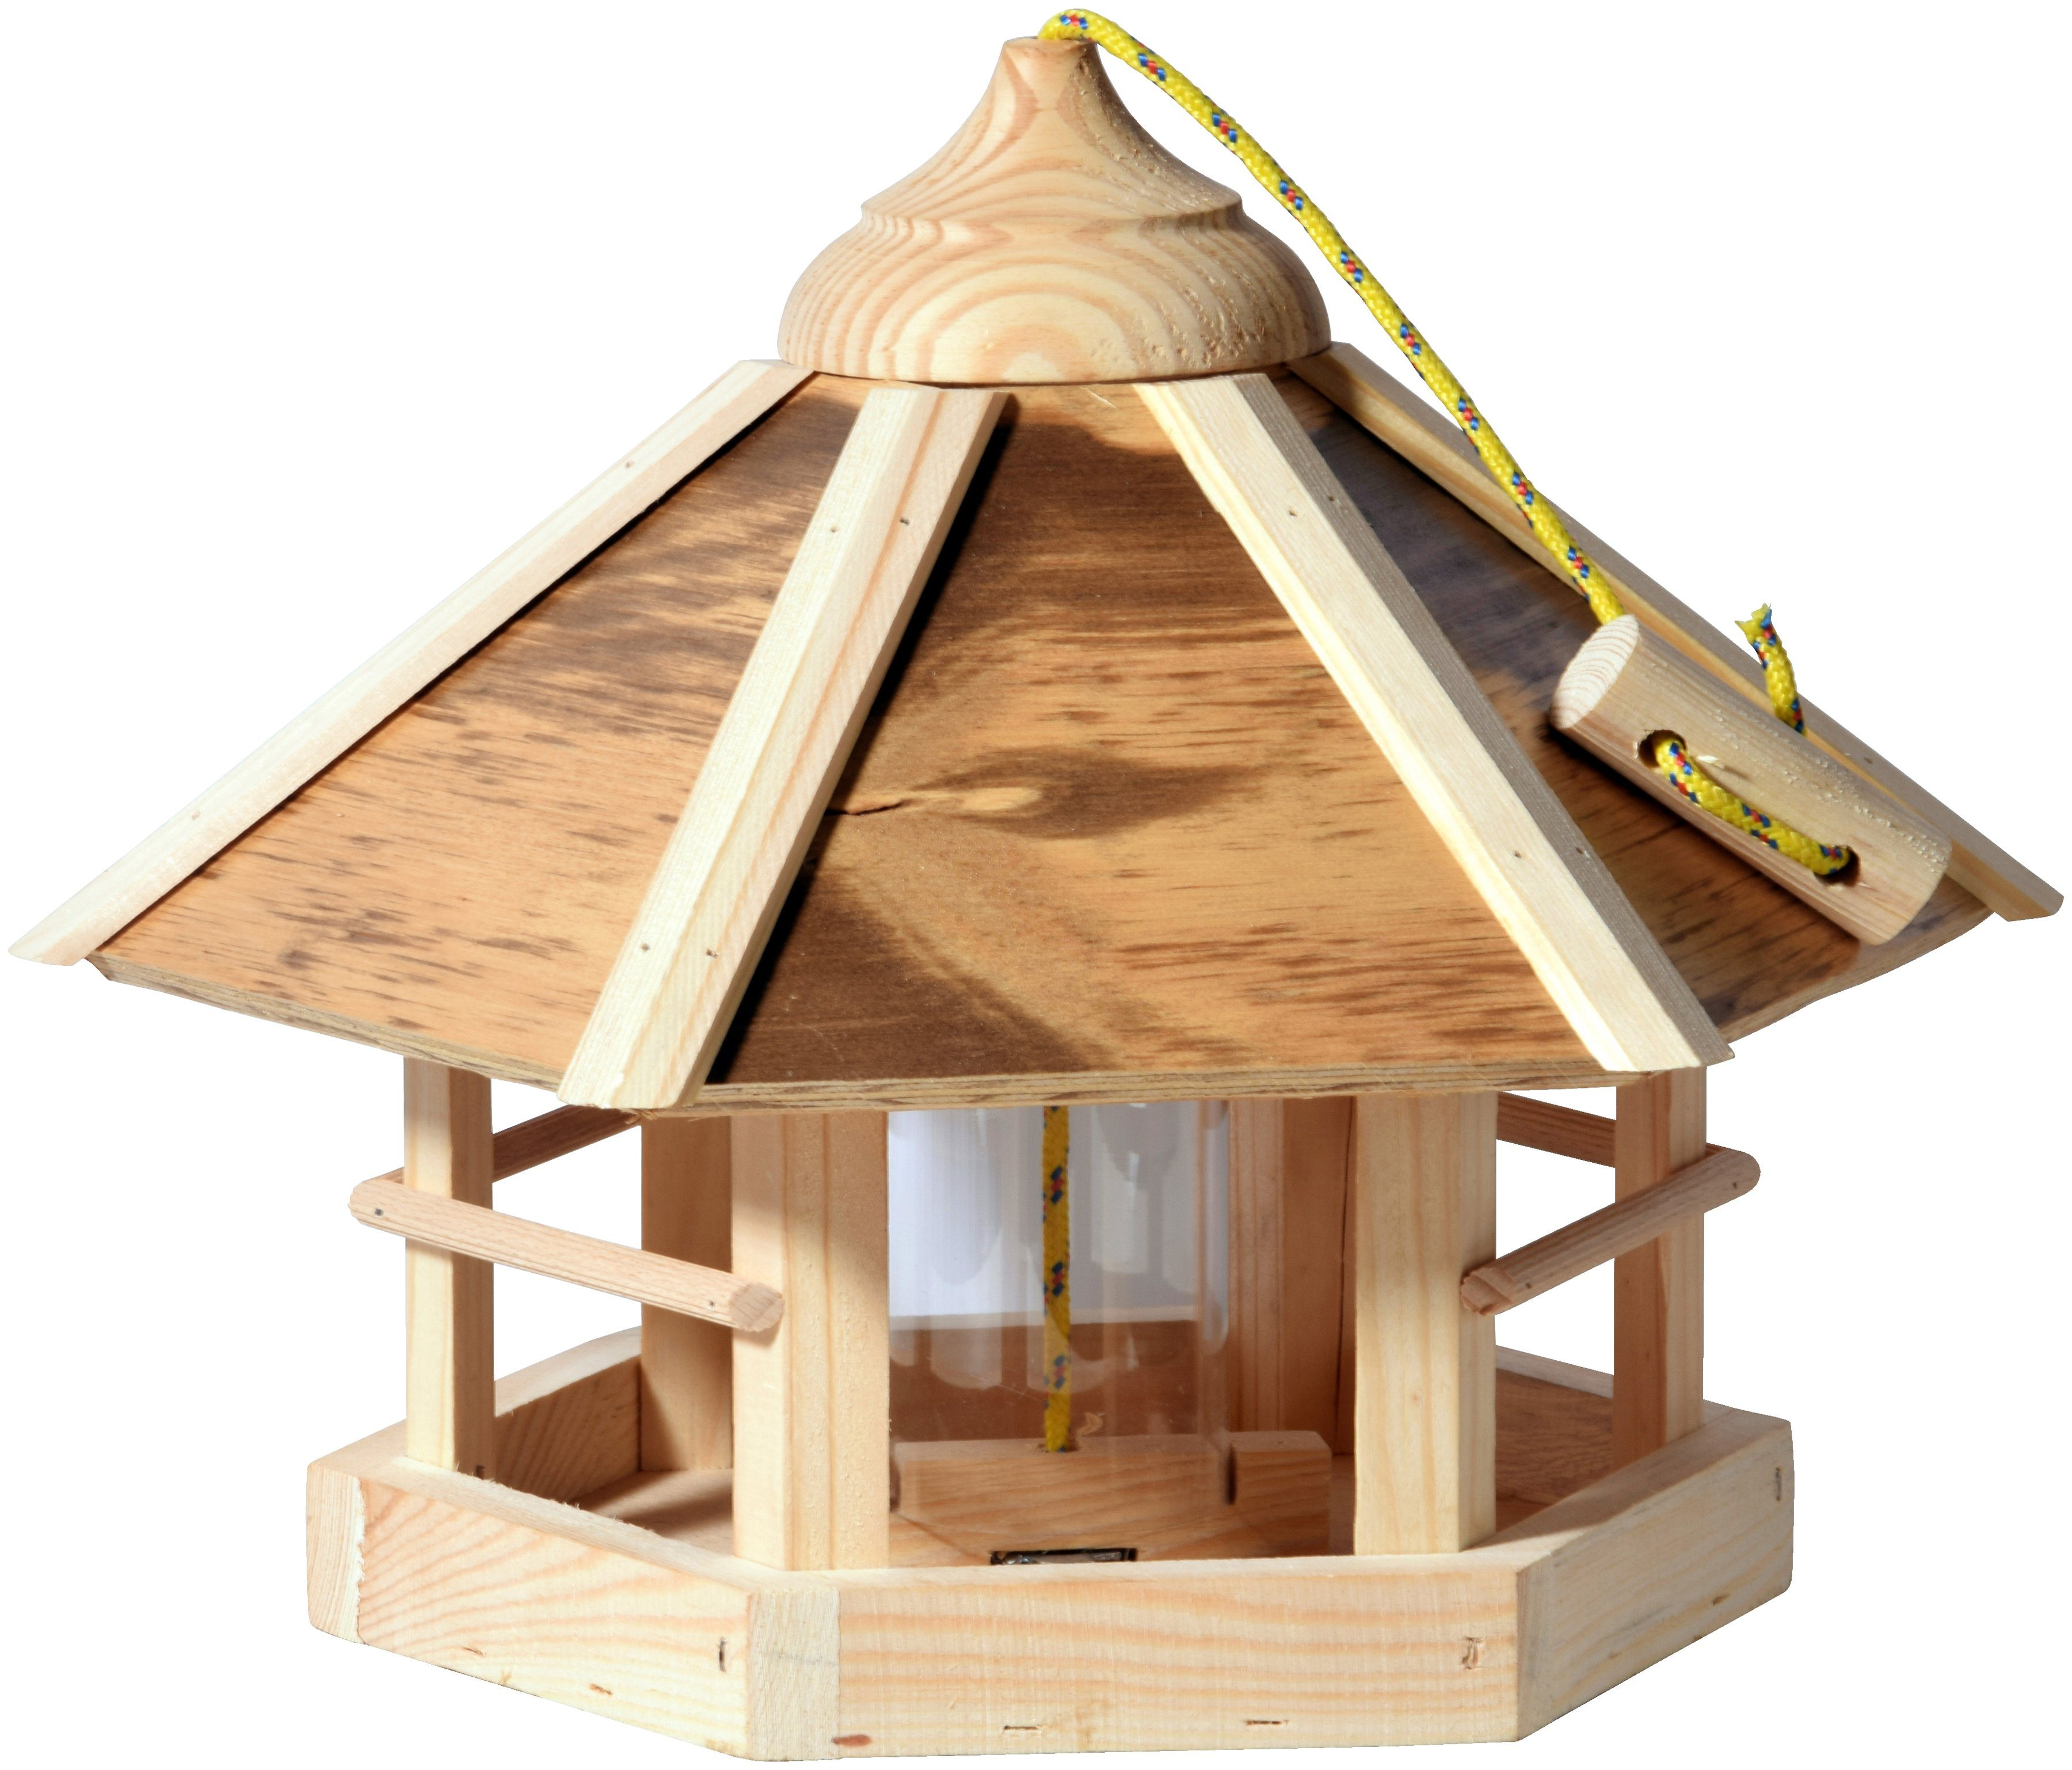 vogelhaus preisvergleich die besten angebote online kaufen. Black Bedroom Furniture Sets. Home Design Ideas